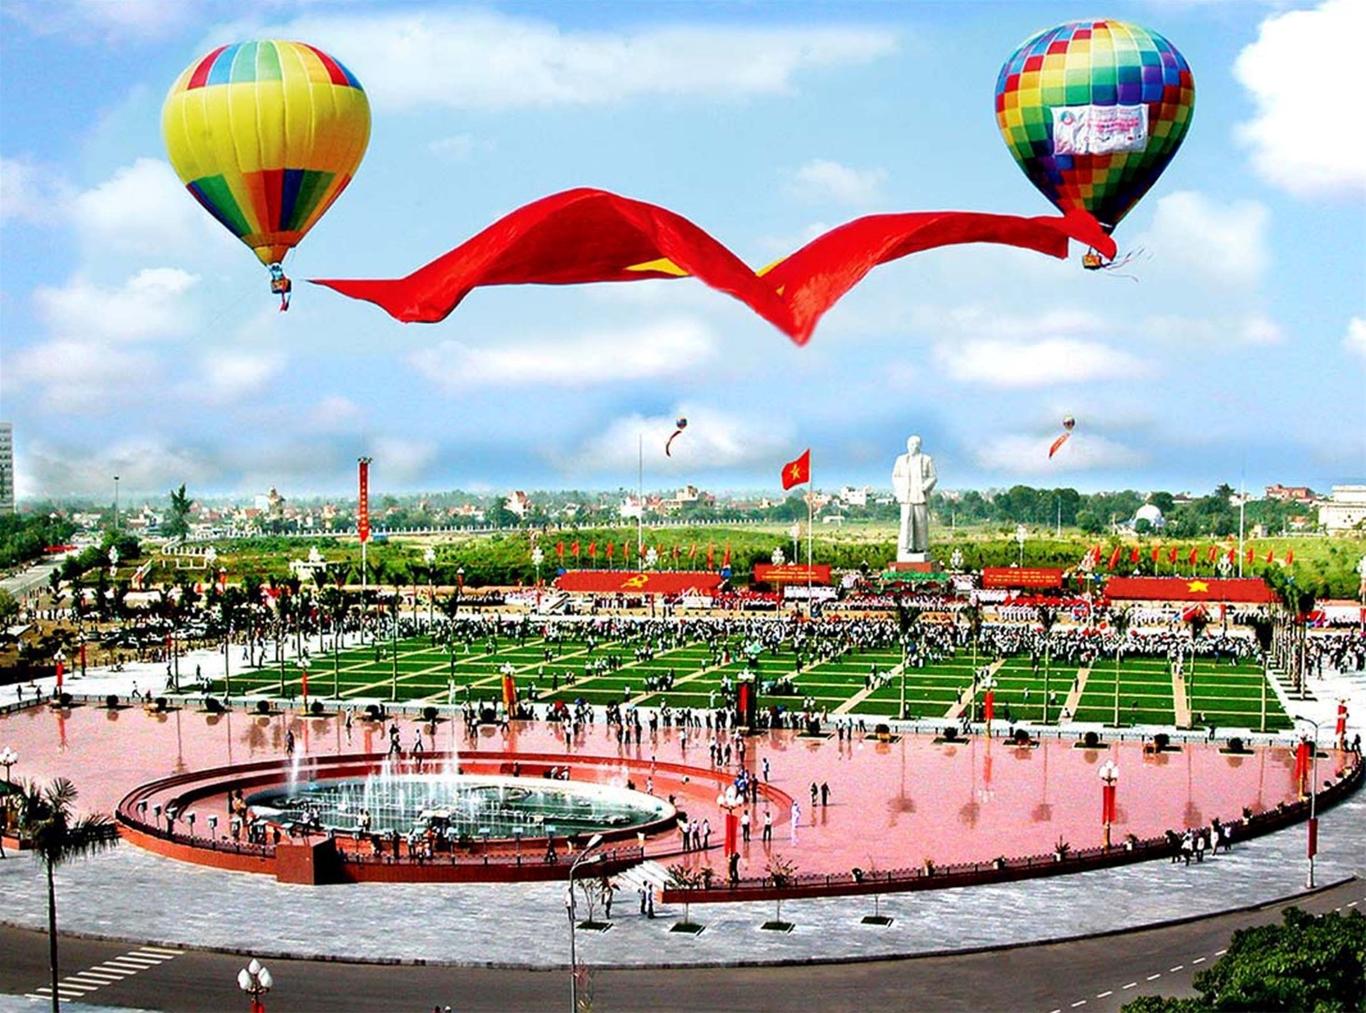 Quảng trường Hồ Chí Minh và tượng đài Chủ tịch Hồ Chí Minh tại thành phố Vinh, tỉnh Nghệ An